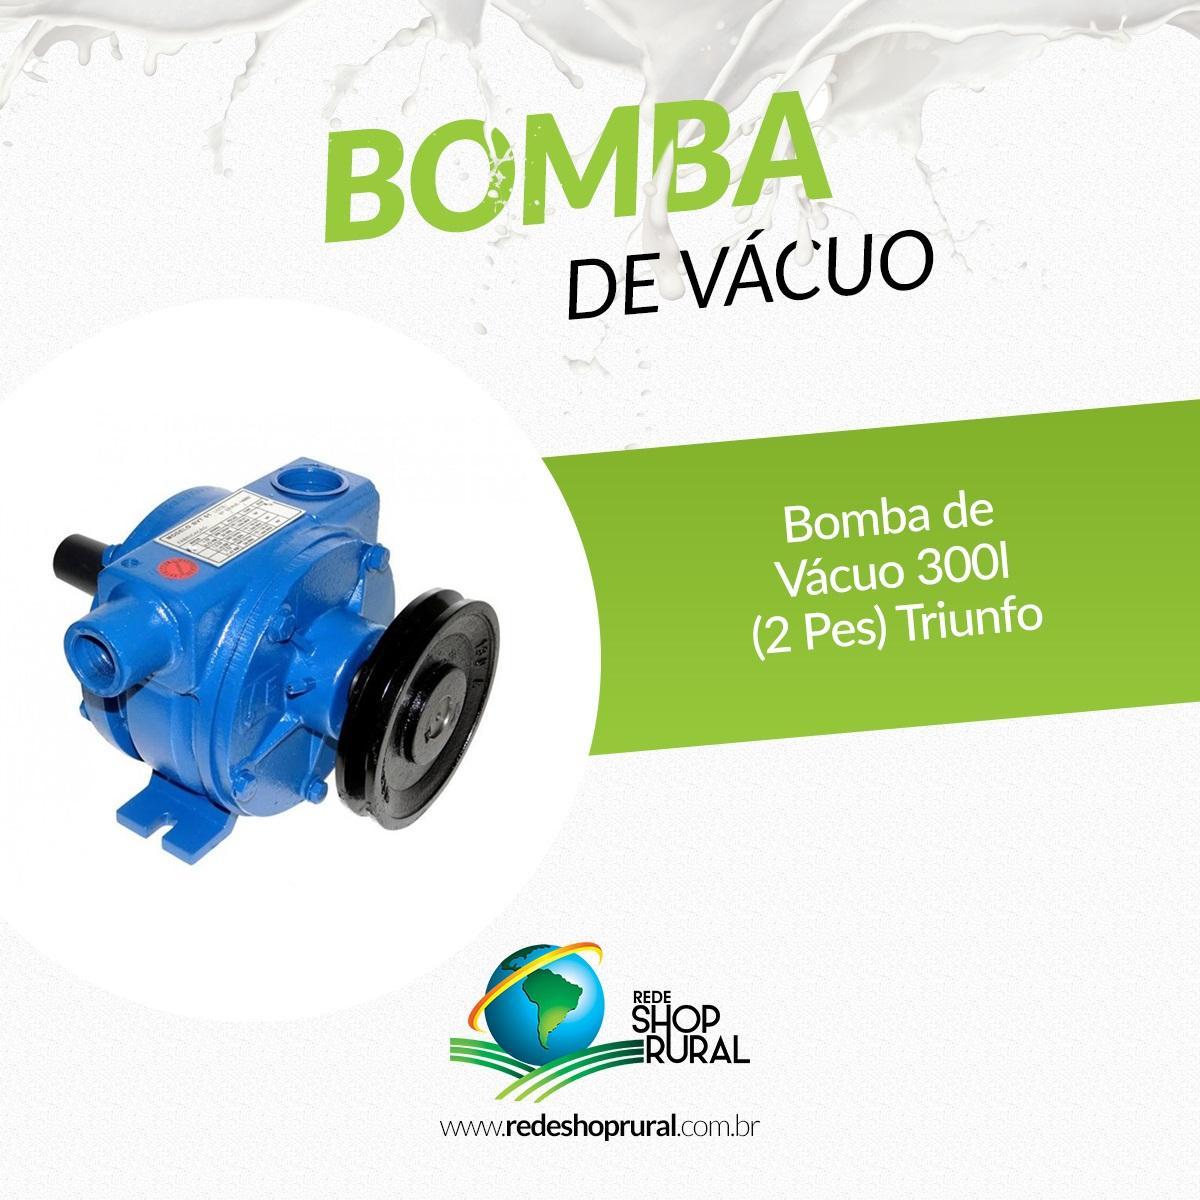 Bomba de Vácuo 300L (2 Pés) Triunfo